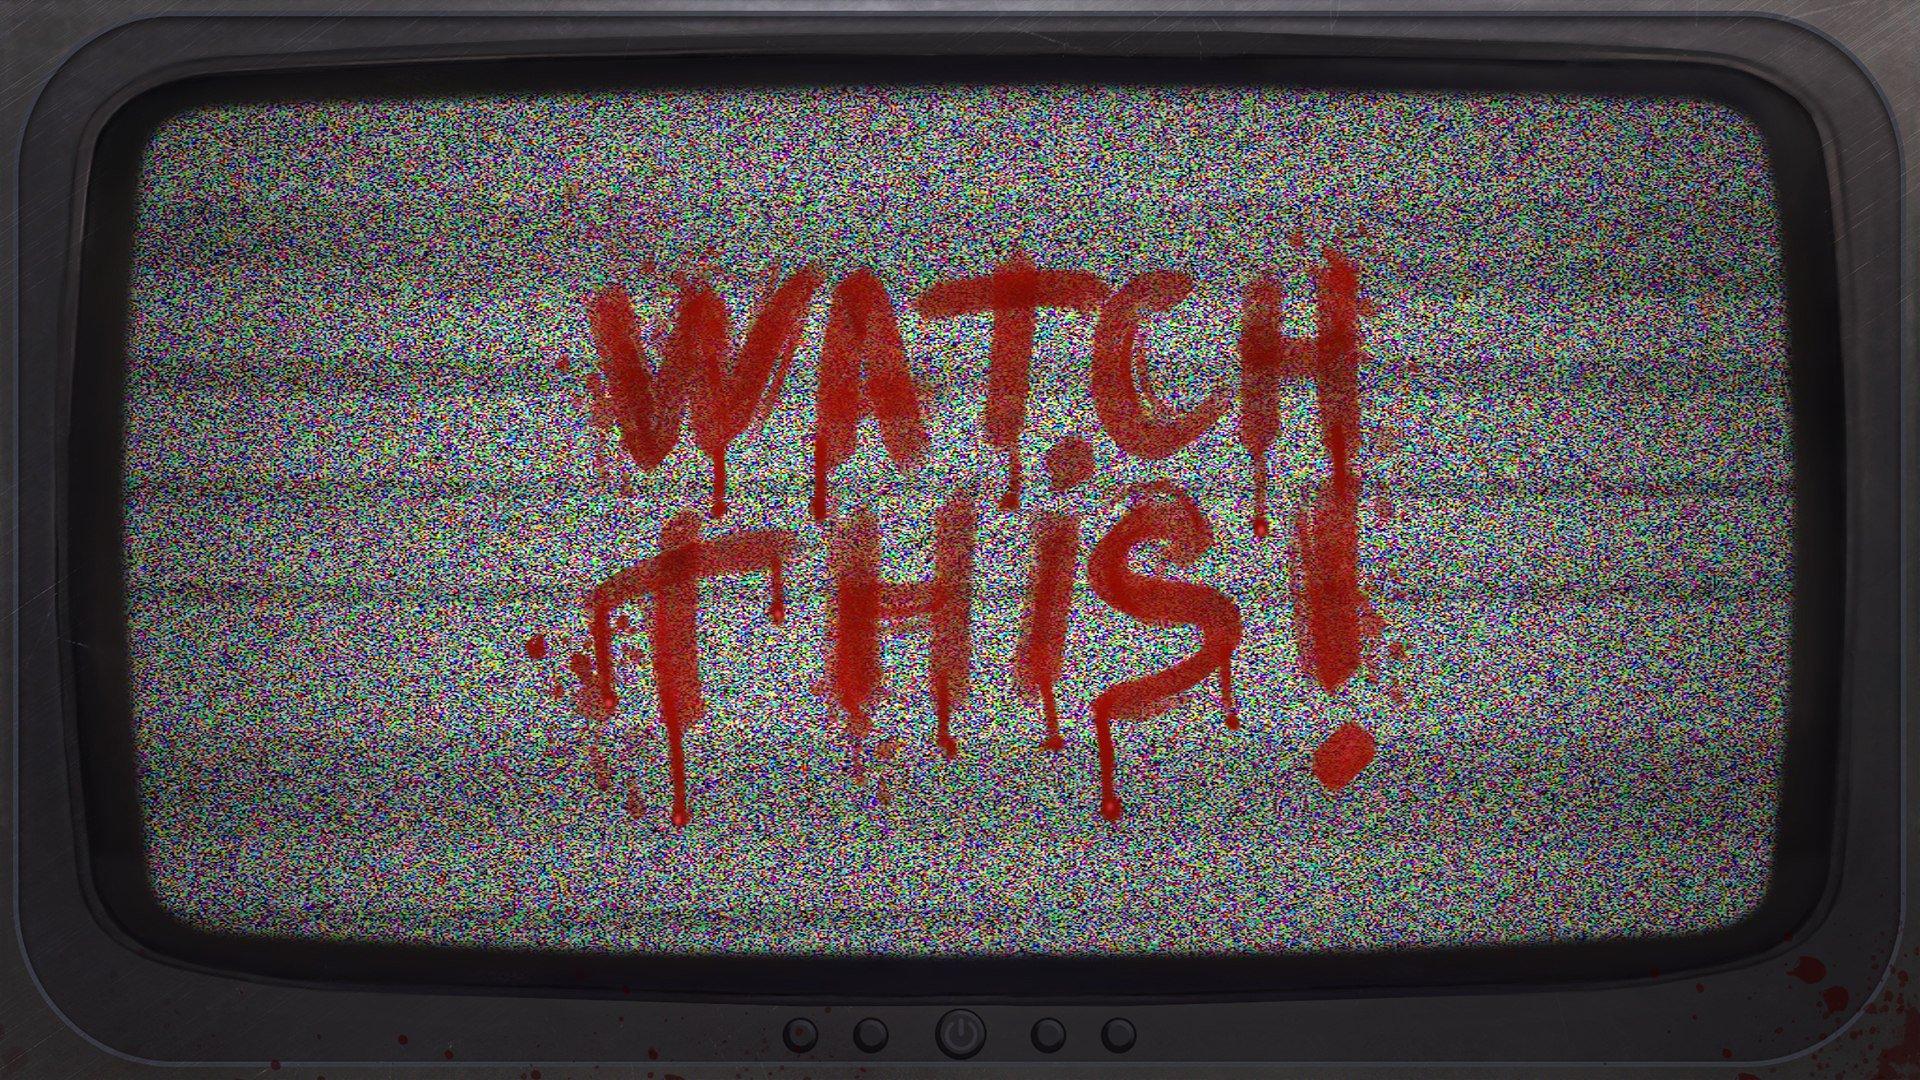 Watch This! (Greenlight пройден) - Изображение 1